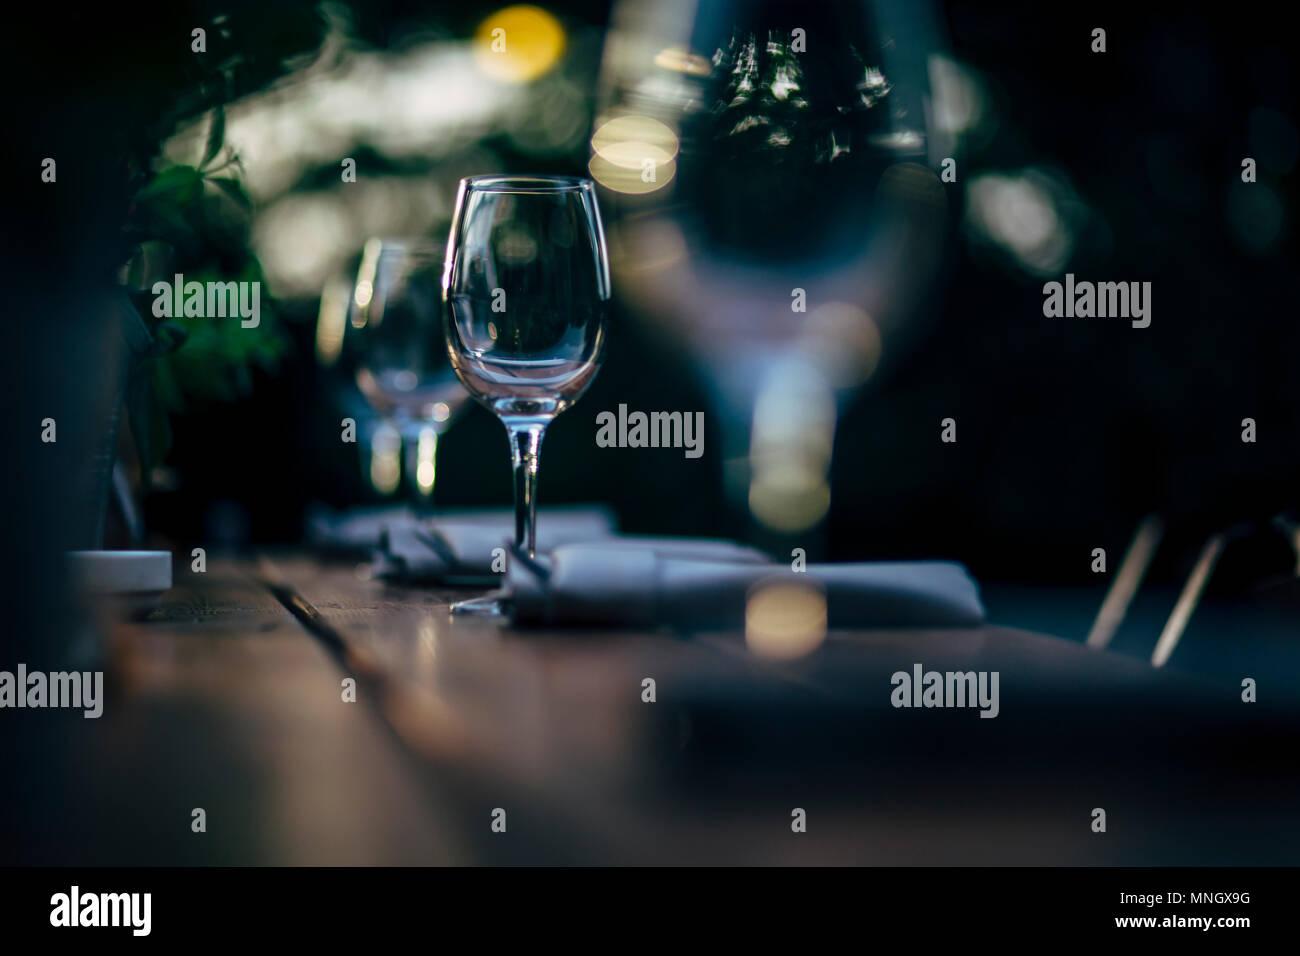 Luxus Tabelle Einstellungen für feine und Glaswaren, schöner Hintergrund verschwommen. Für Events, Hochzeiten und andere Veranstaltungen. Stockbild